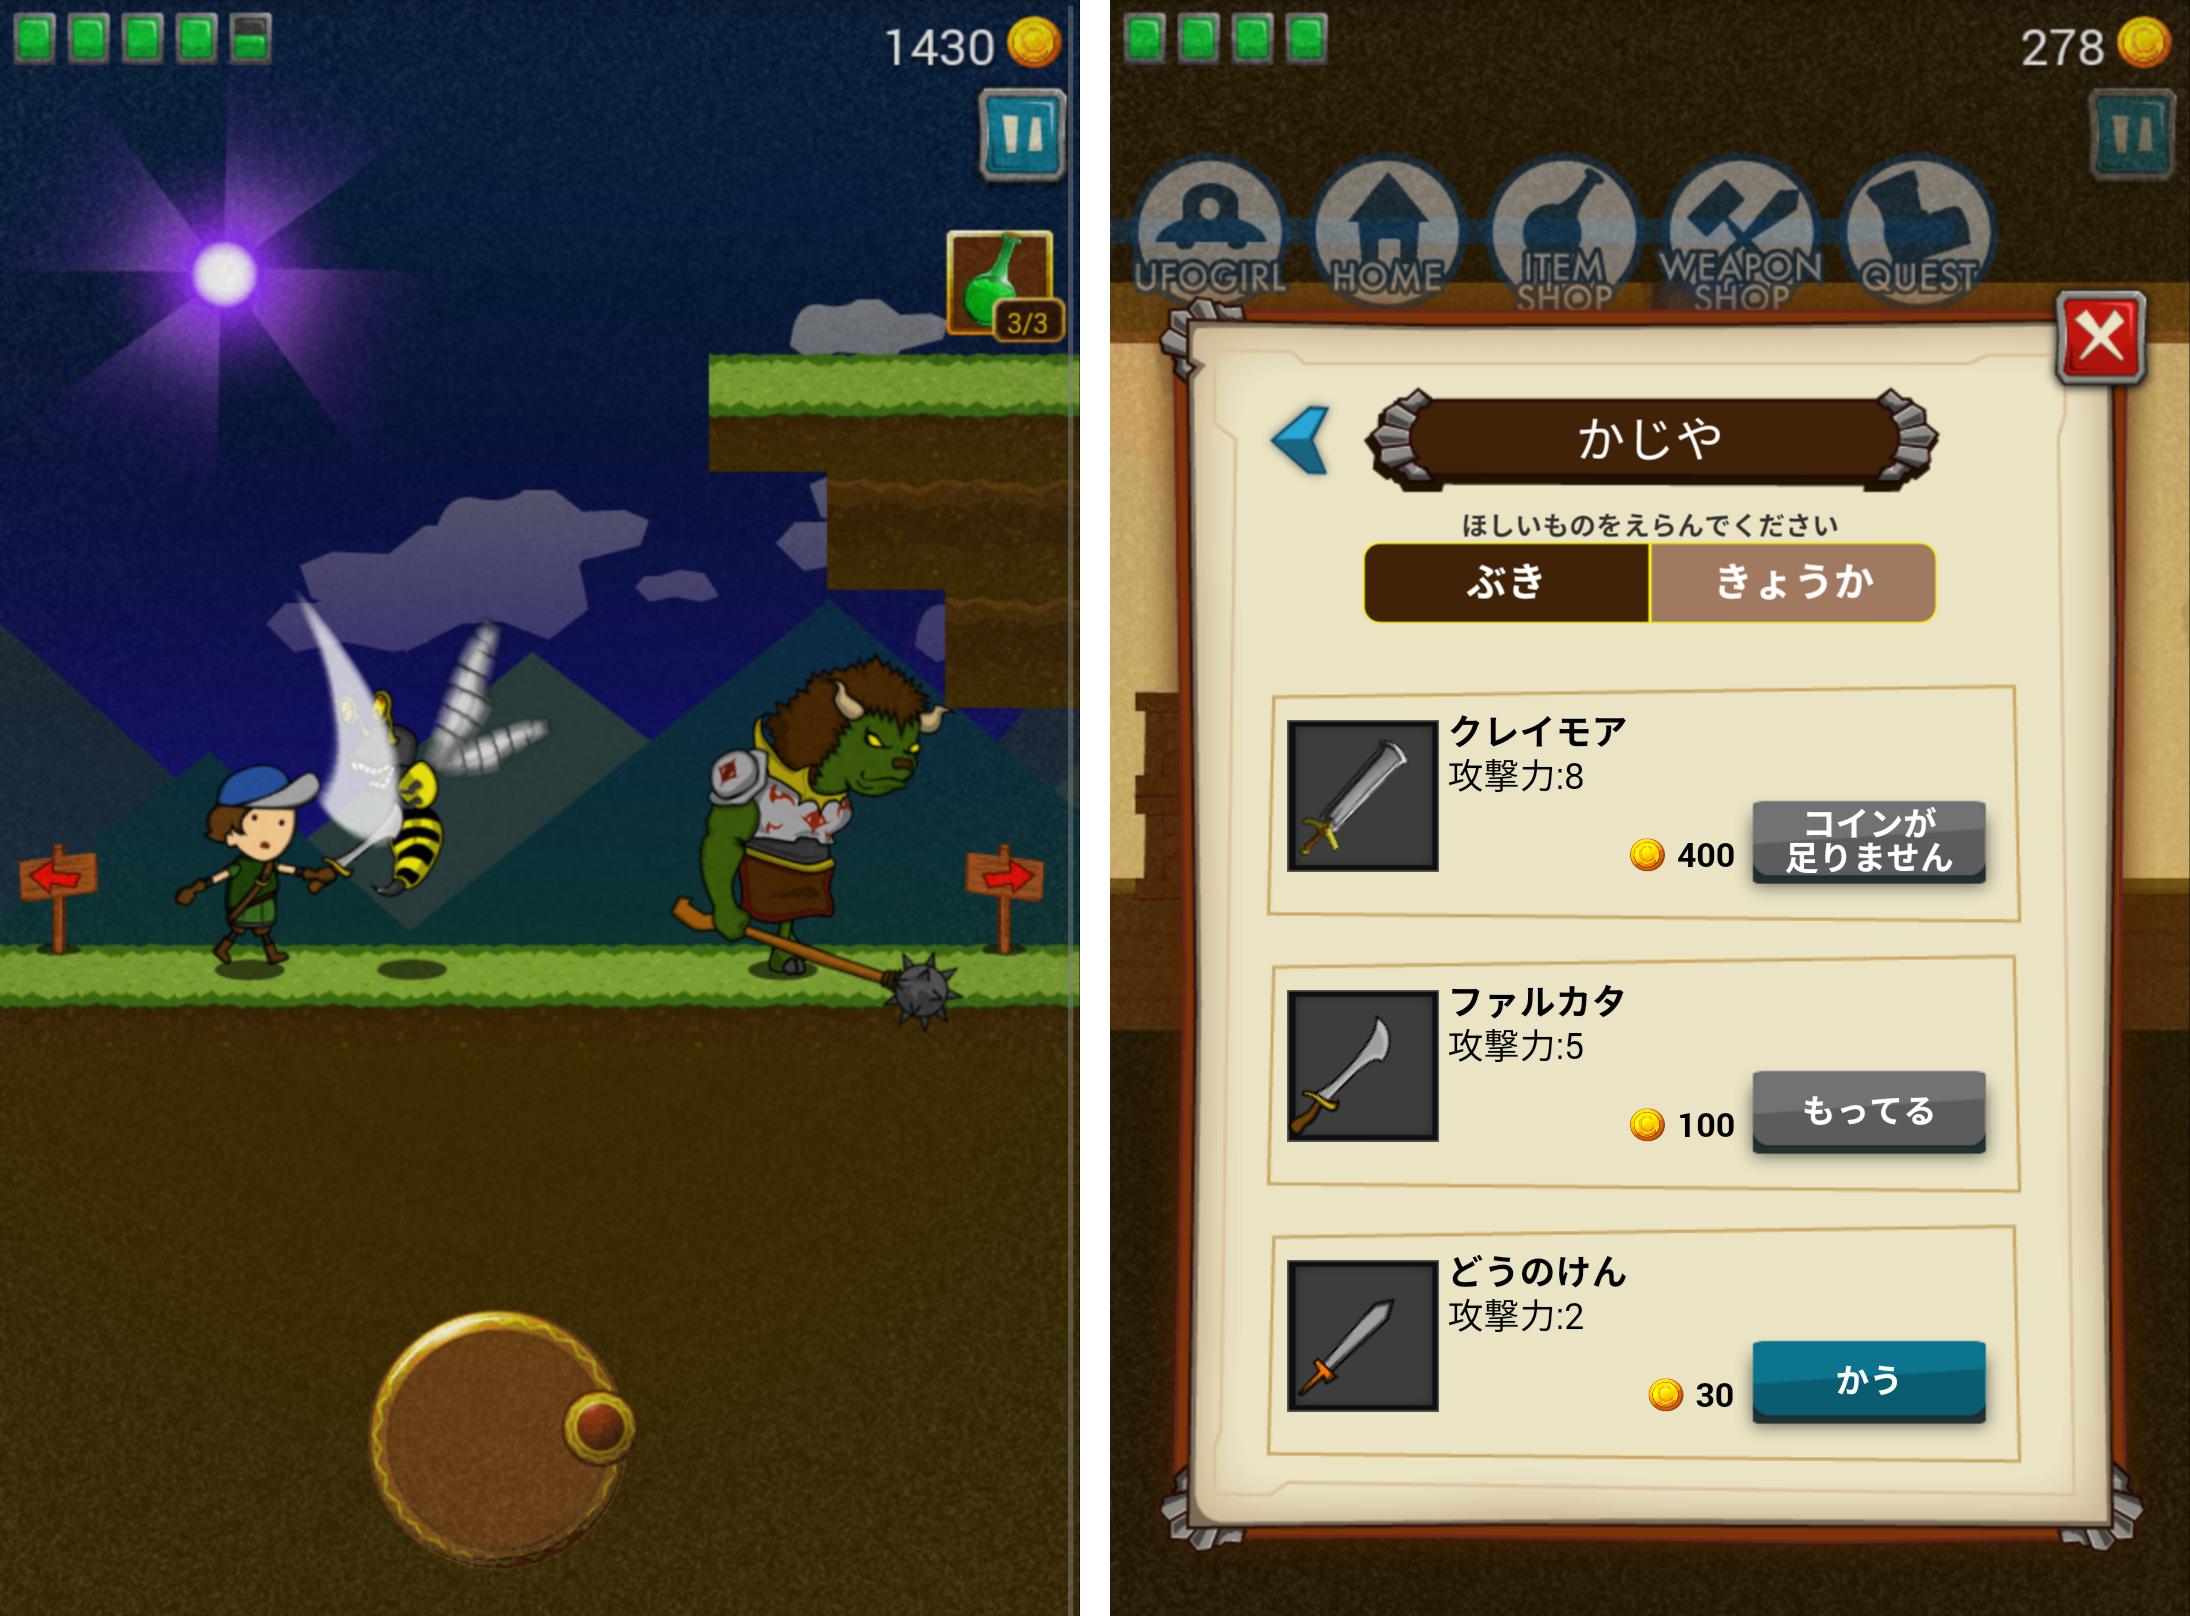 村人とヘビ androidアプリスクリーンショット3